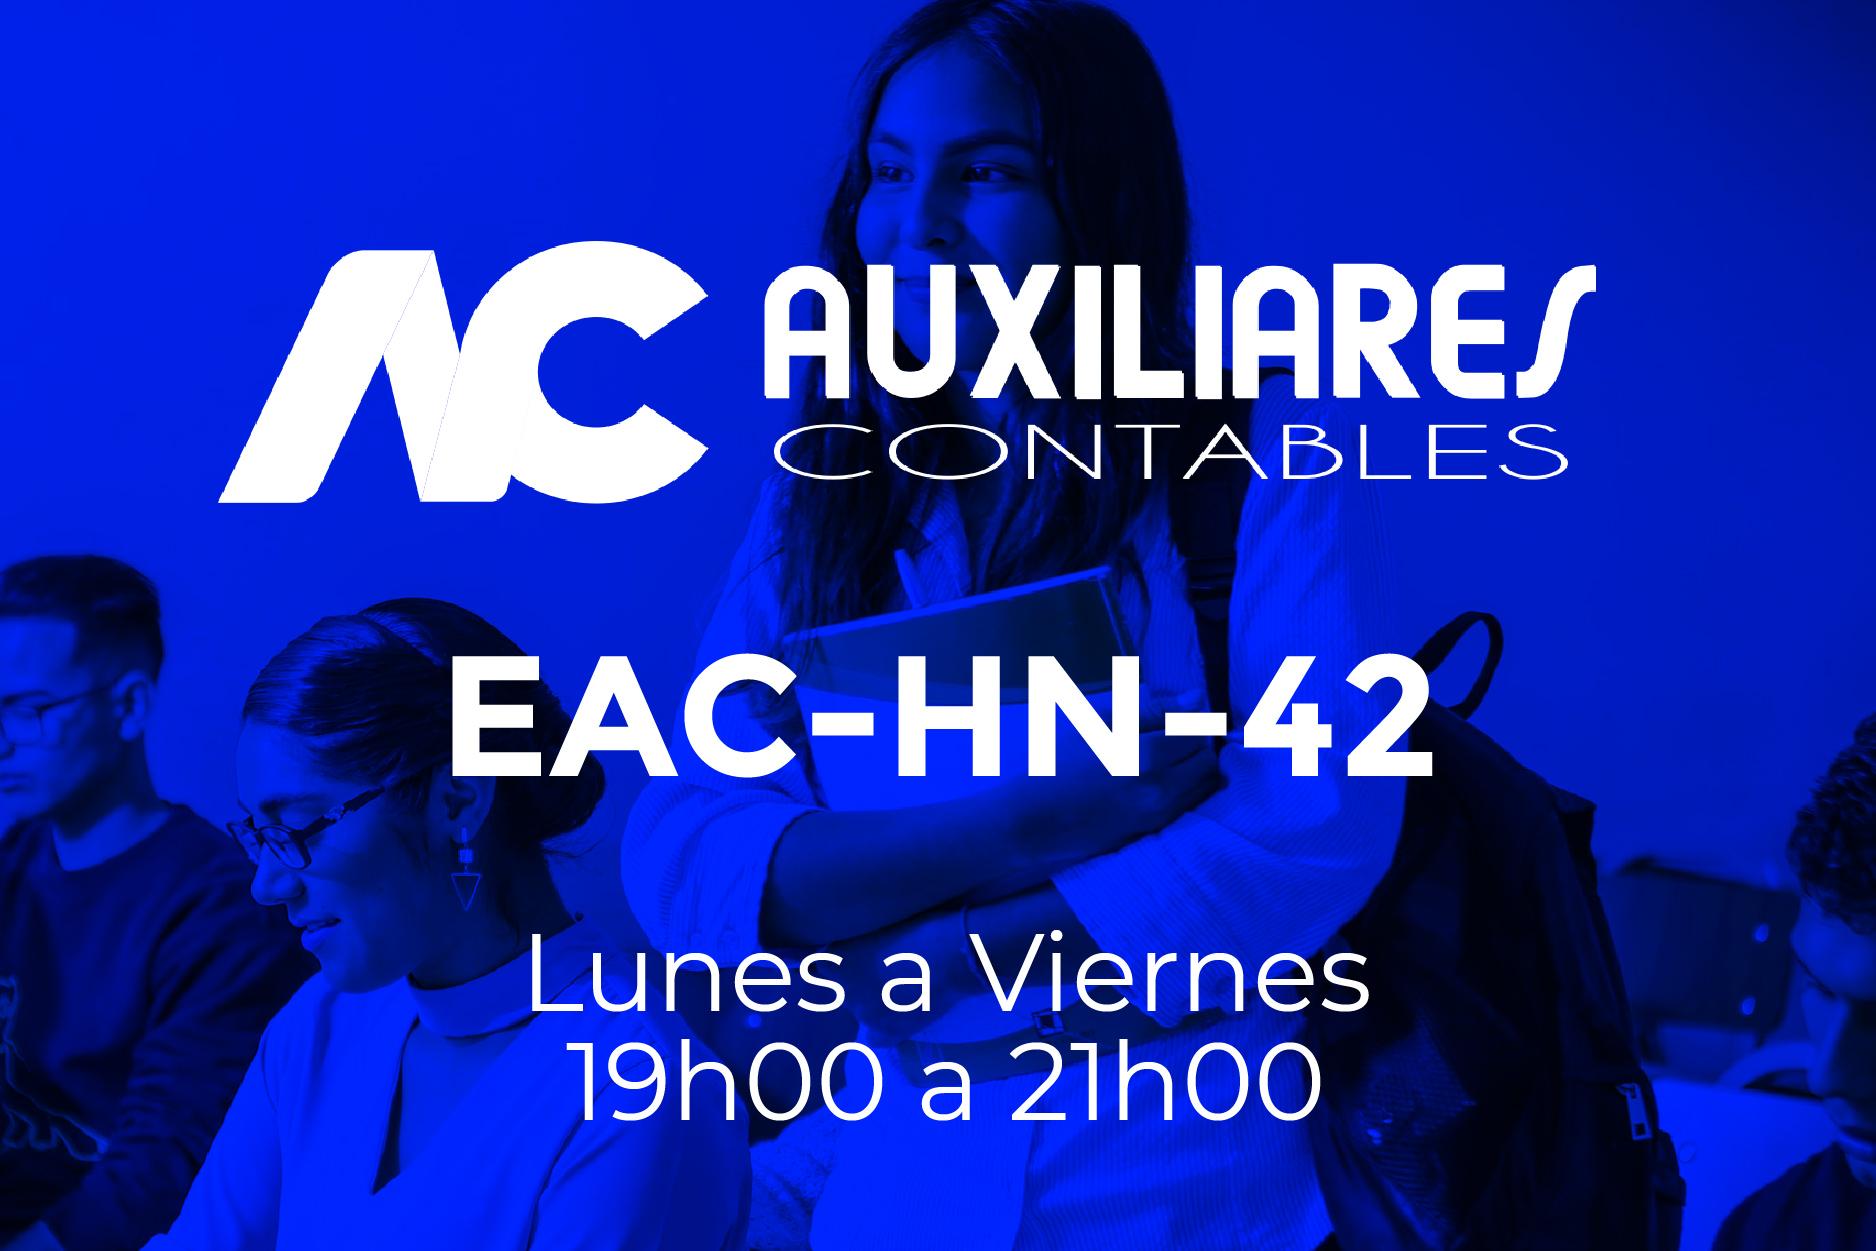 42 - AUXILIARES CONTABLES - LUNES A VIERNES - 19:00 A 21:00